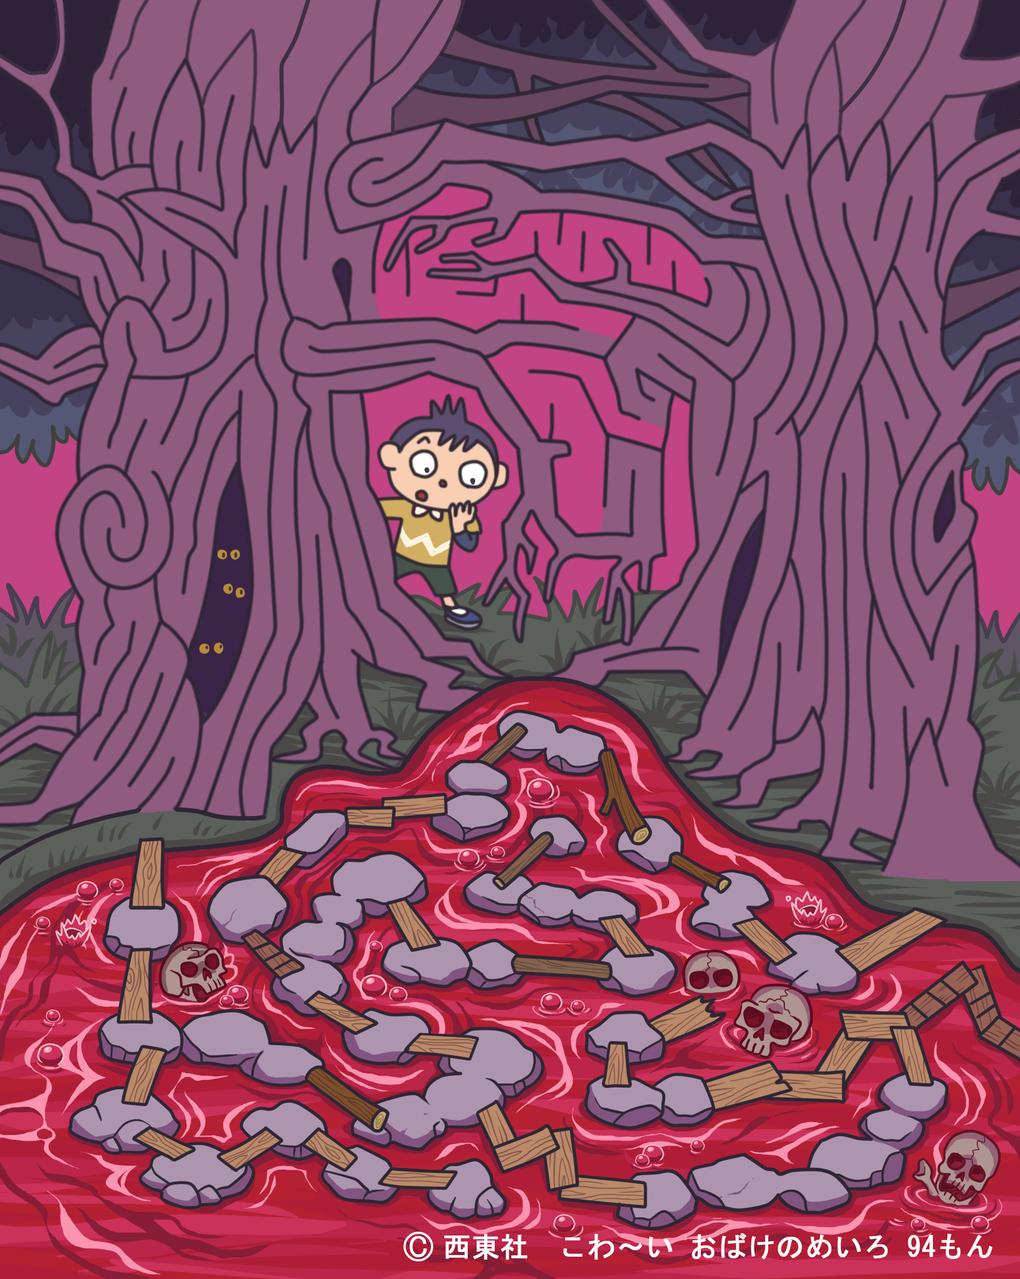 きけんなマグマ 血の池地獄